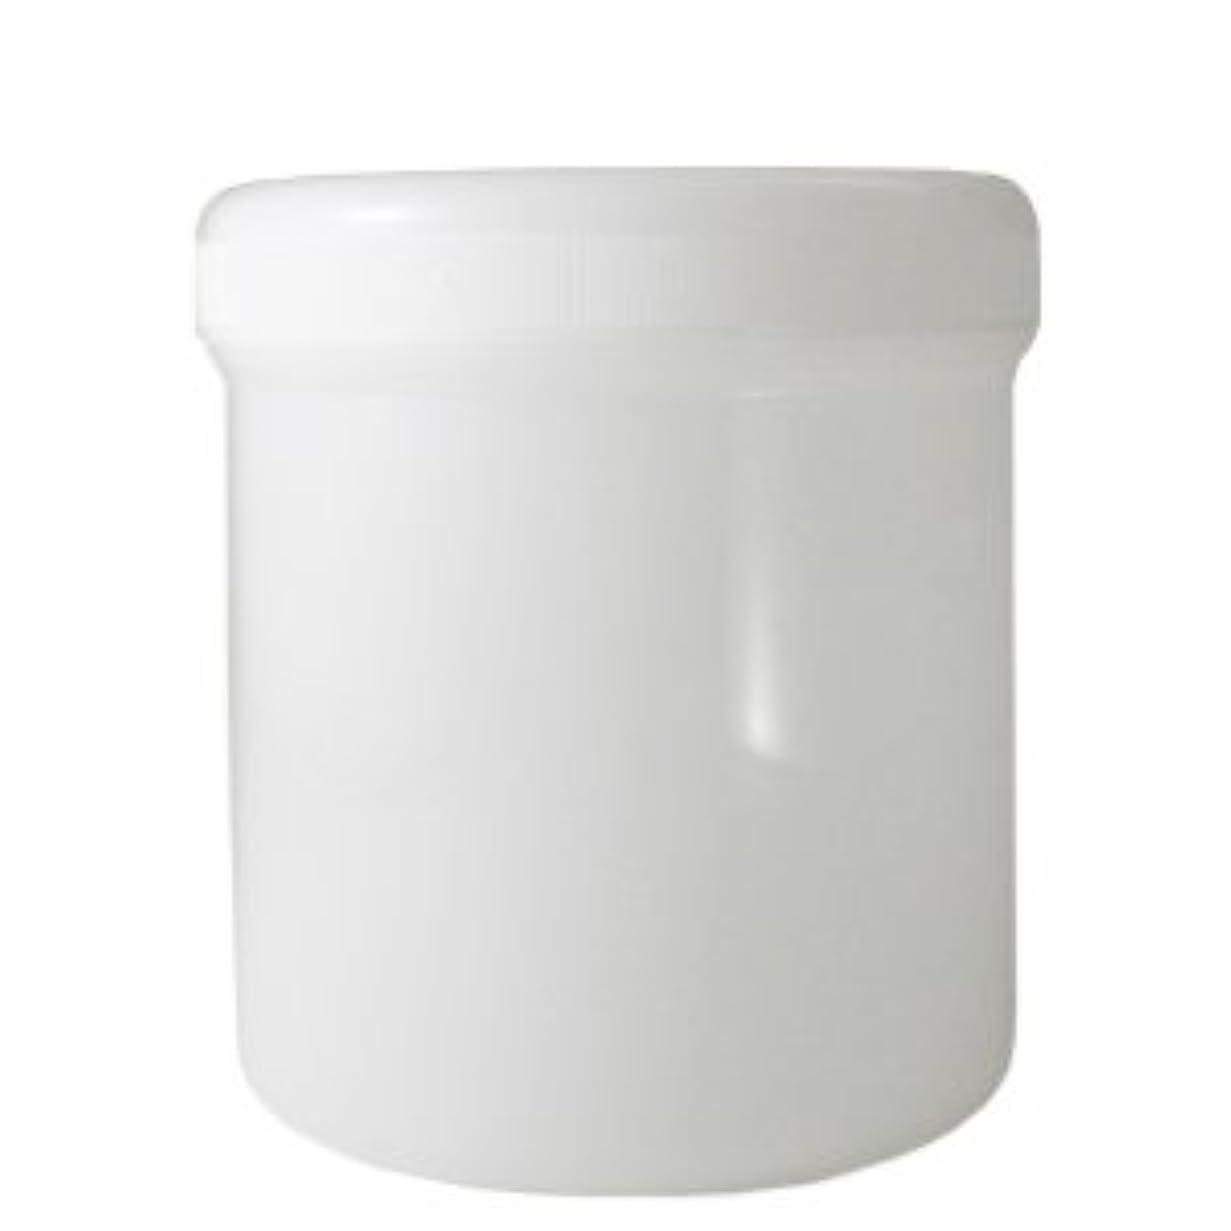 に関して歴史家ペルーナンコー容器 クリームジャー化粧品容器 550ml